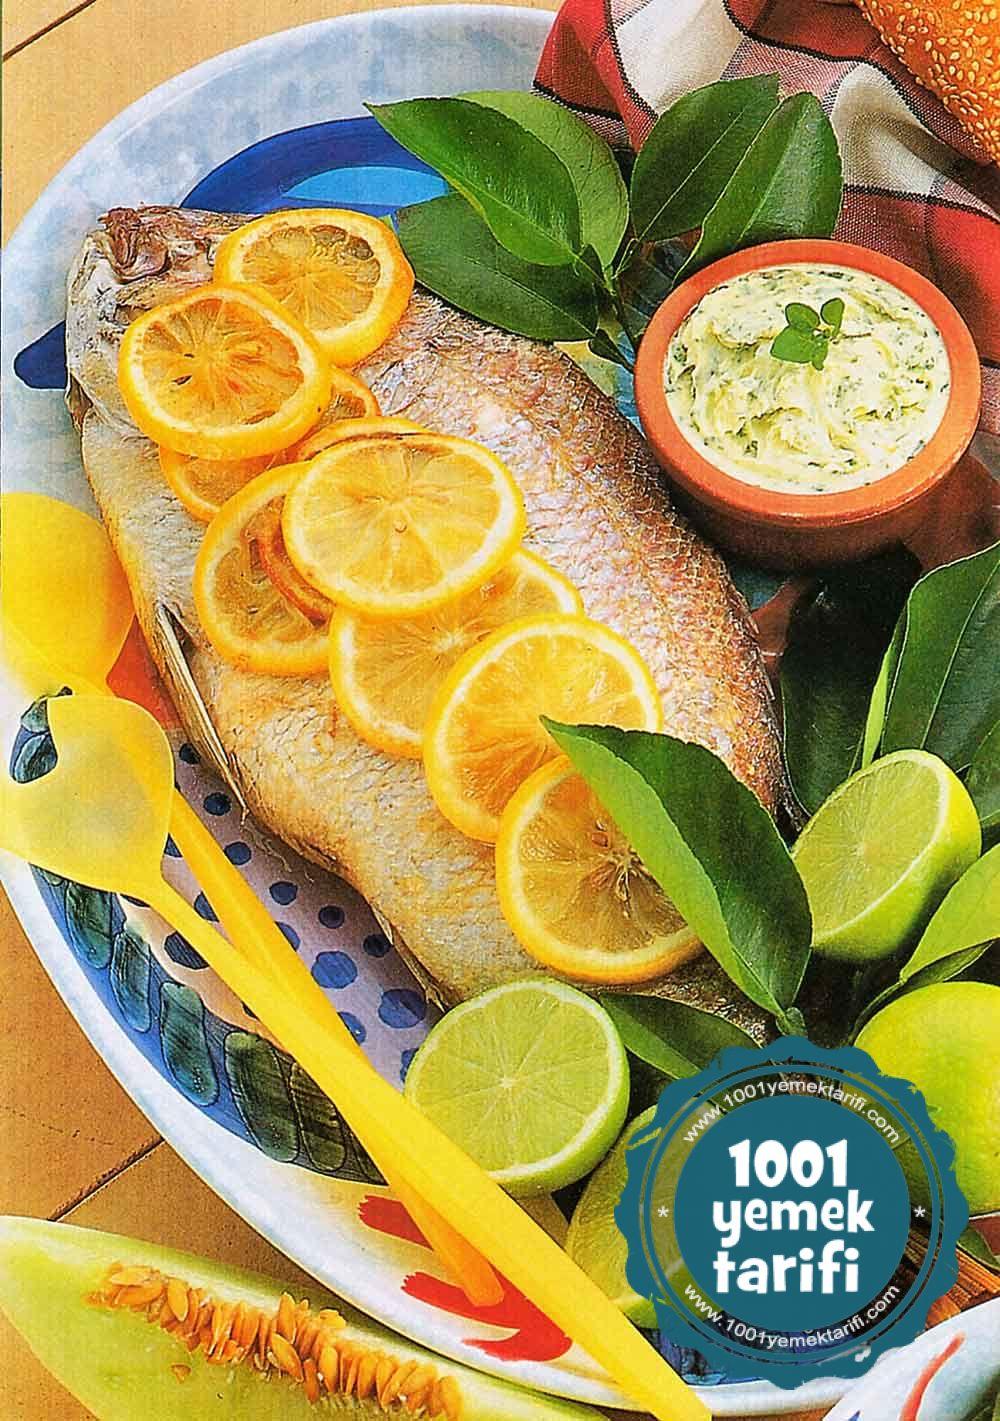 firinda-limonlu-mercan-baligi-tarifi-yapimi-nasil yapilir-kac kalori-nefis-1001yemektarifi